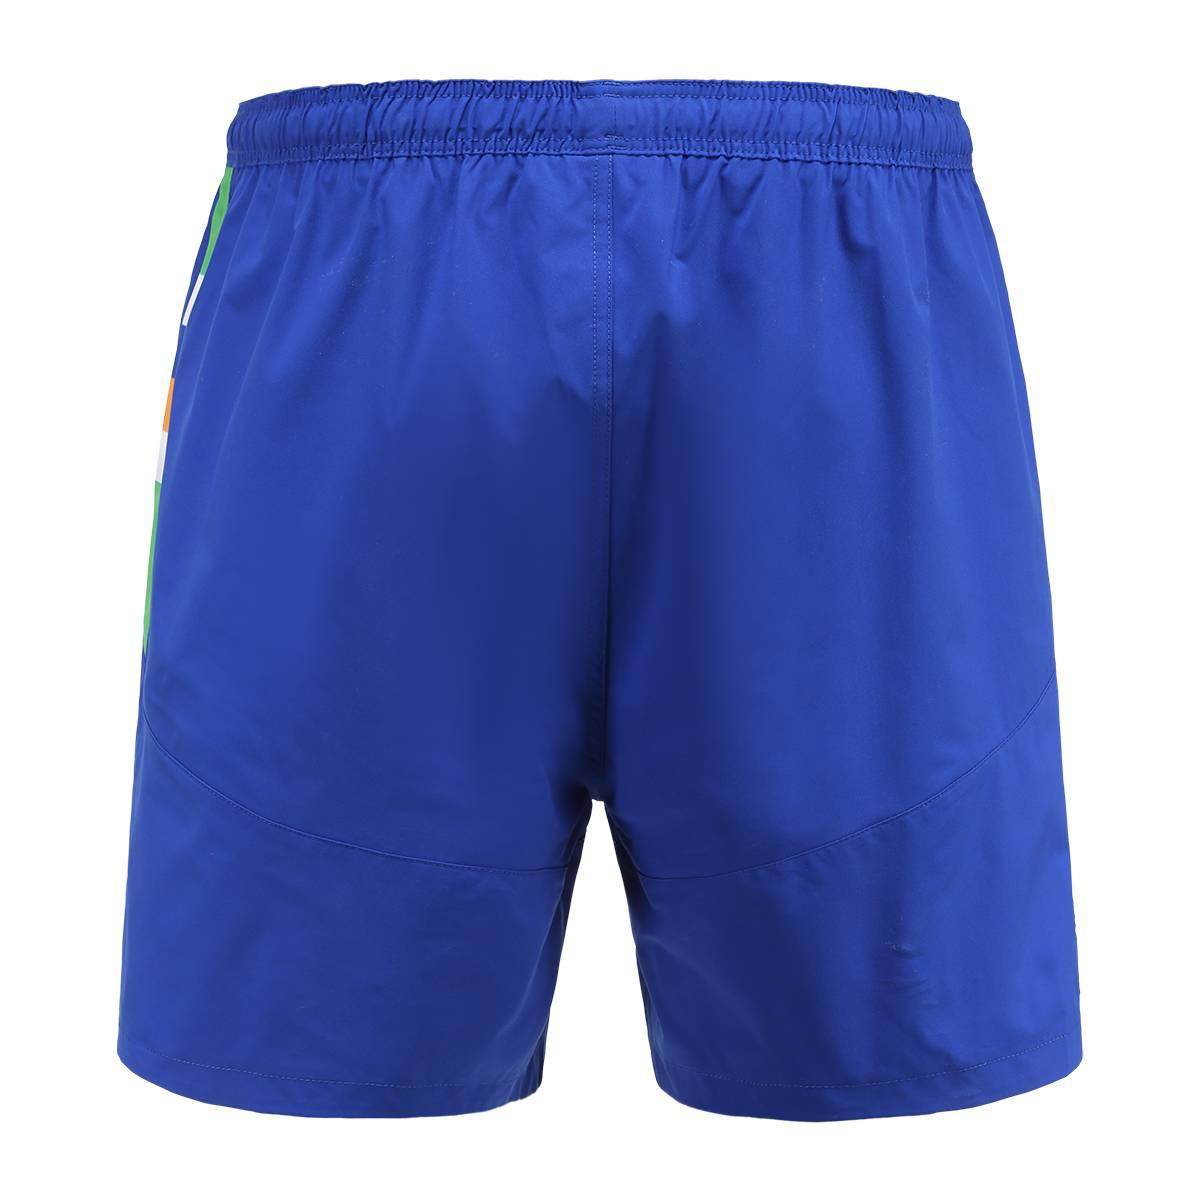 2021 Adults Heritage Training Shorts1